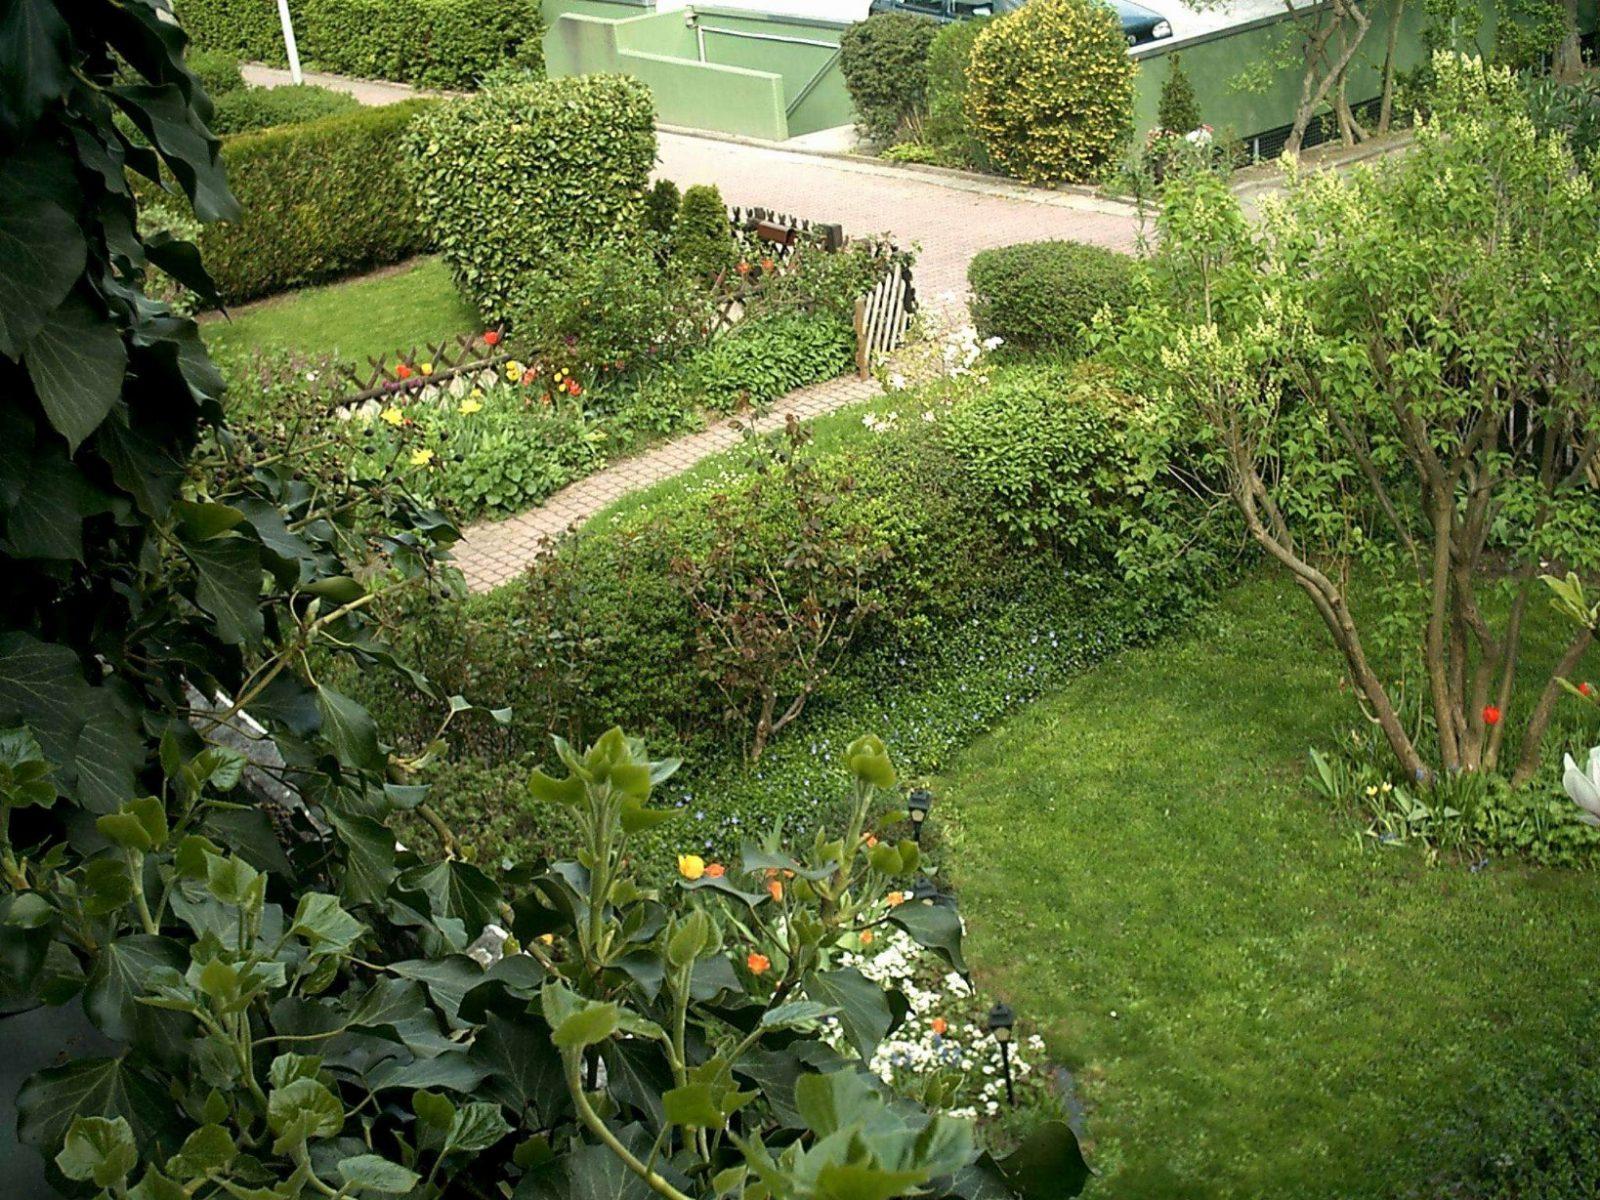 Mein Schöner Garten Lidl Einzigartig Garten Schöner Wohnen Schön von Mein Schöner Garten Lidl Photo